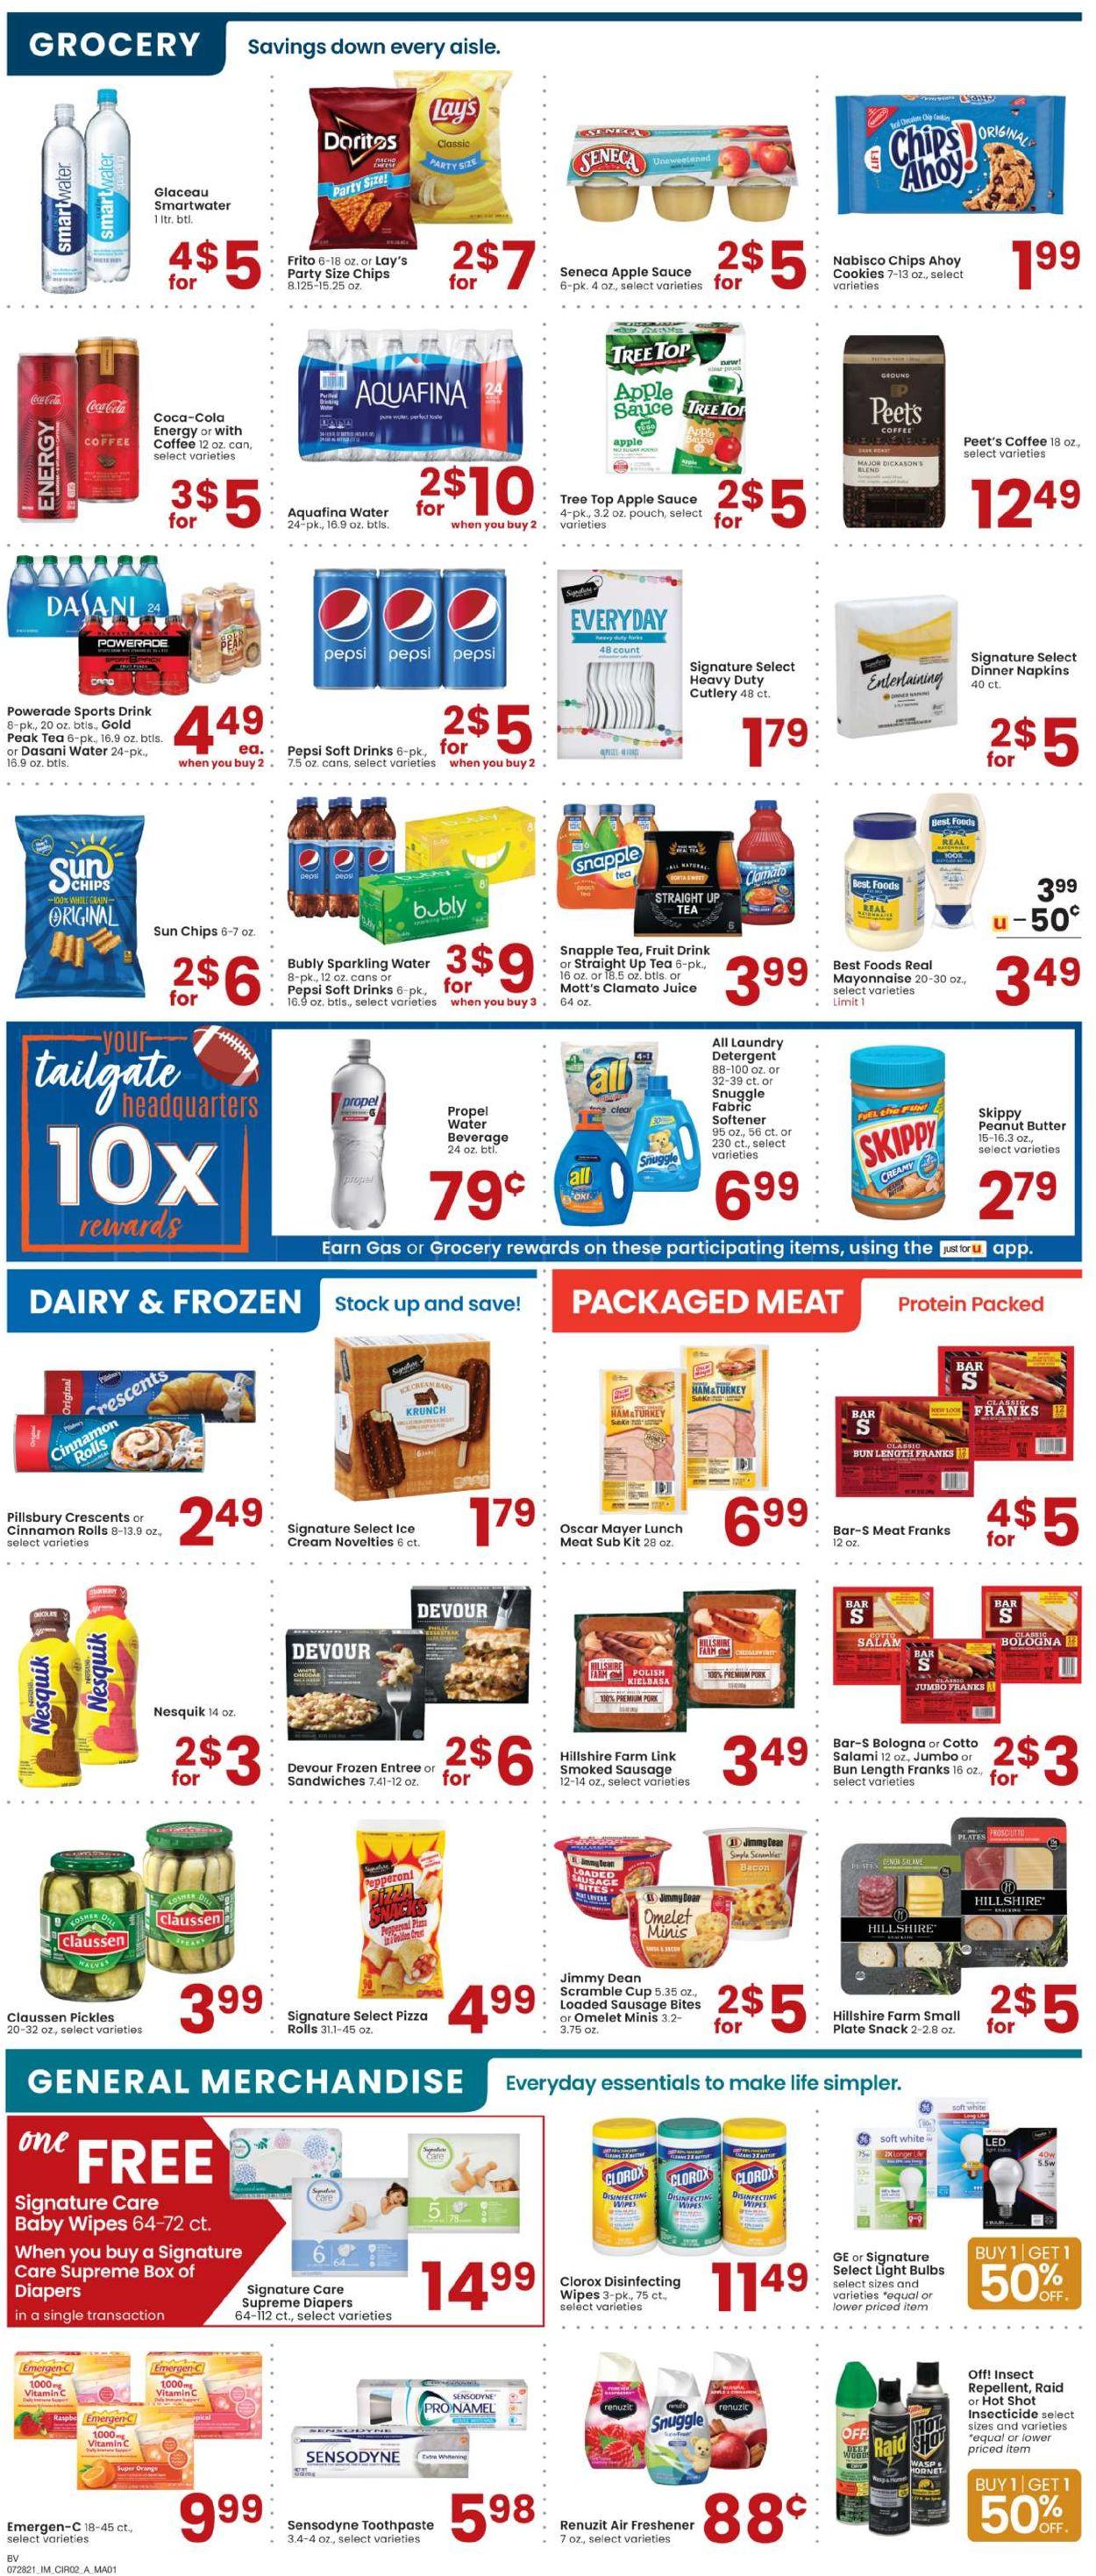 Albertsons Weekly Ad Circular - valid 07/28-08/03/2021 (Page 2)